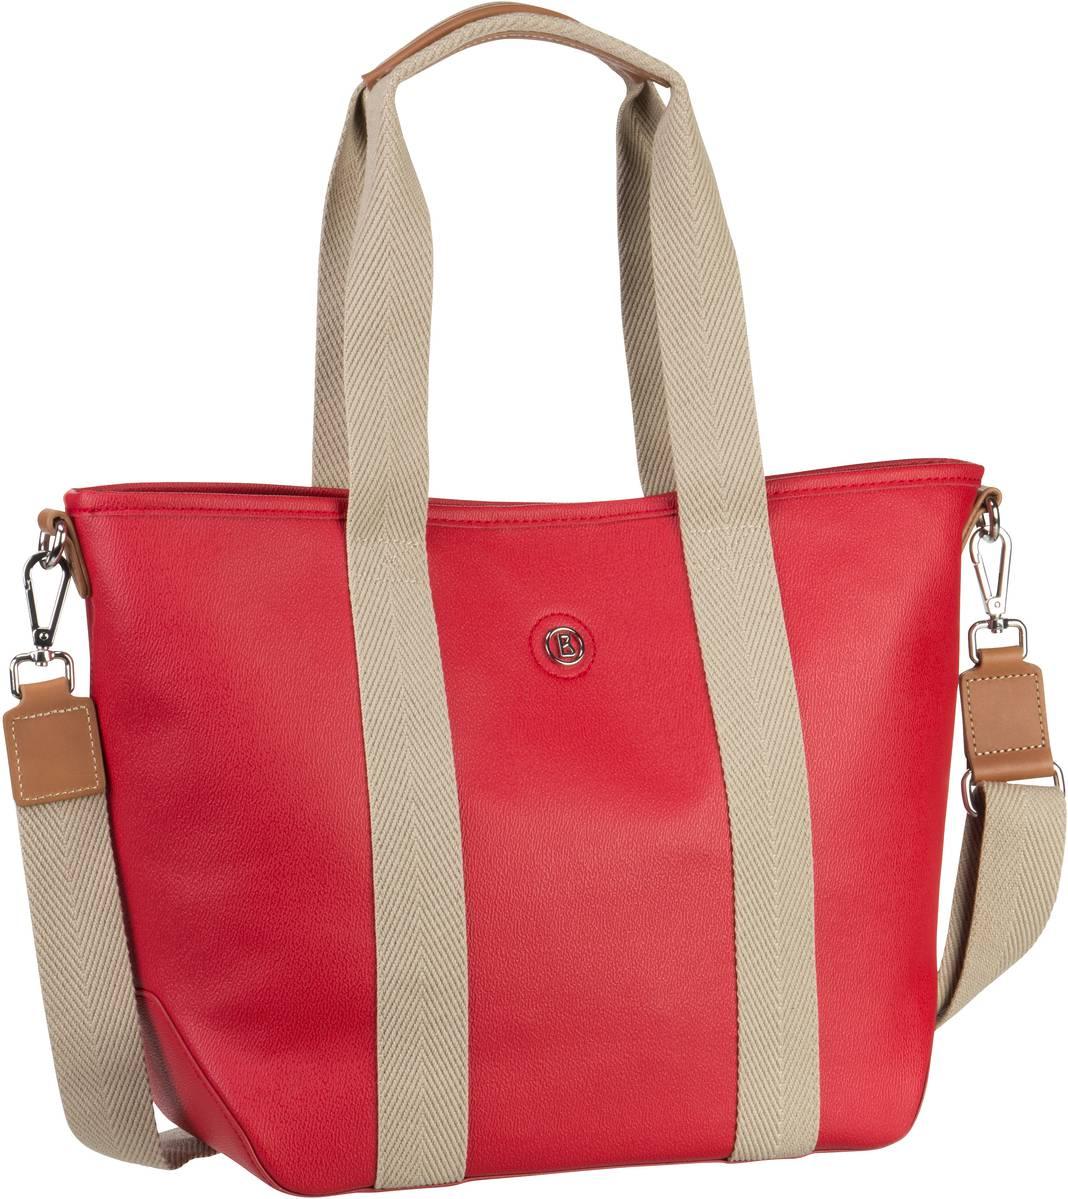 Handtaschen für Frauen - Bogner Long Island Laury Peony (innen Multi) Handtasche  - Onlineshop Taschenkaufhaus